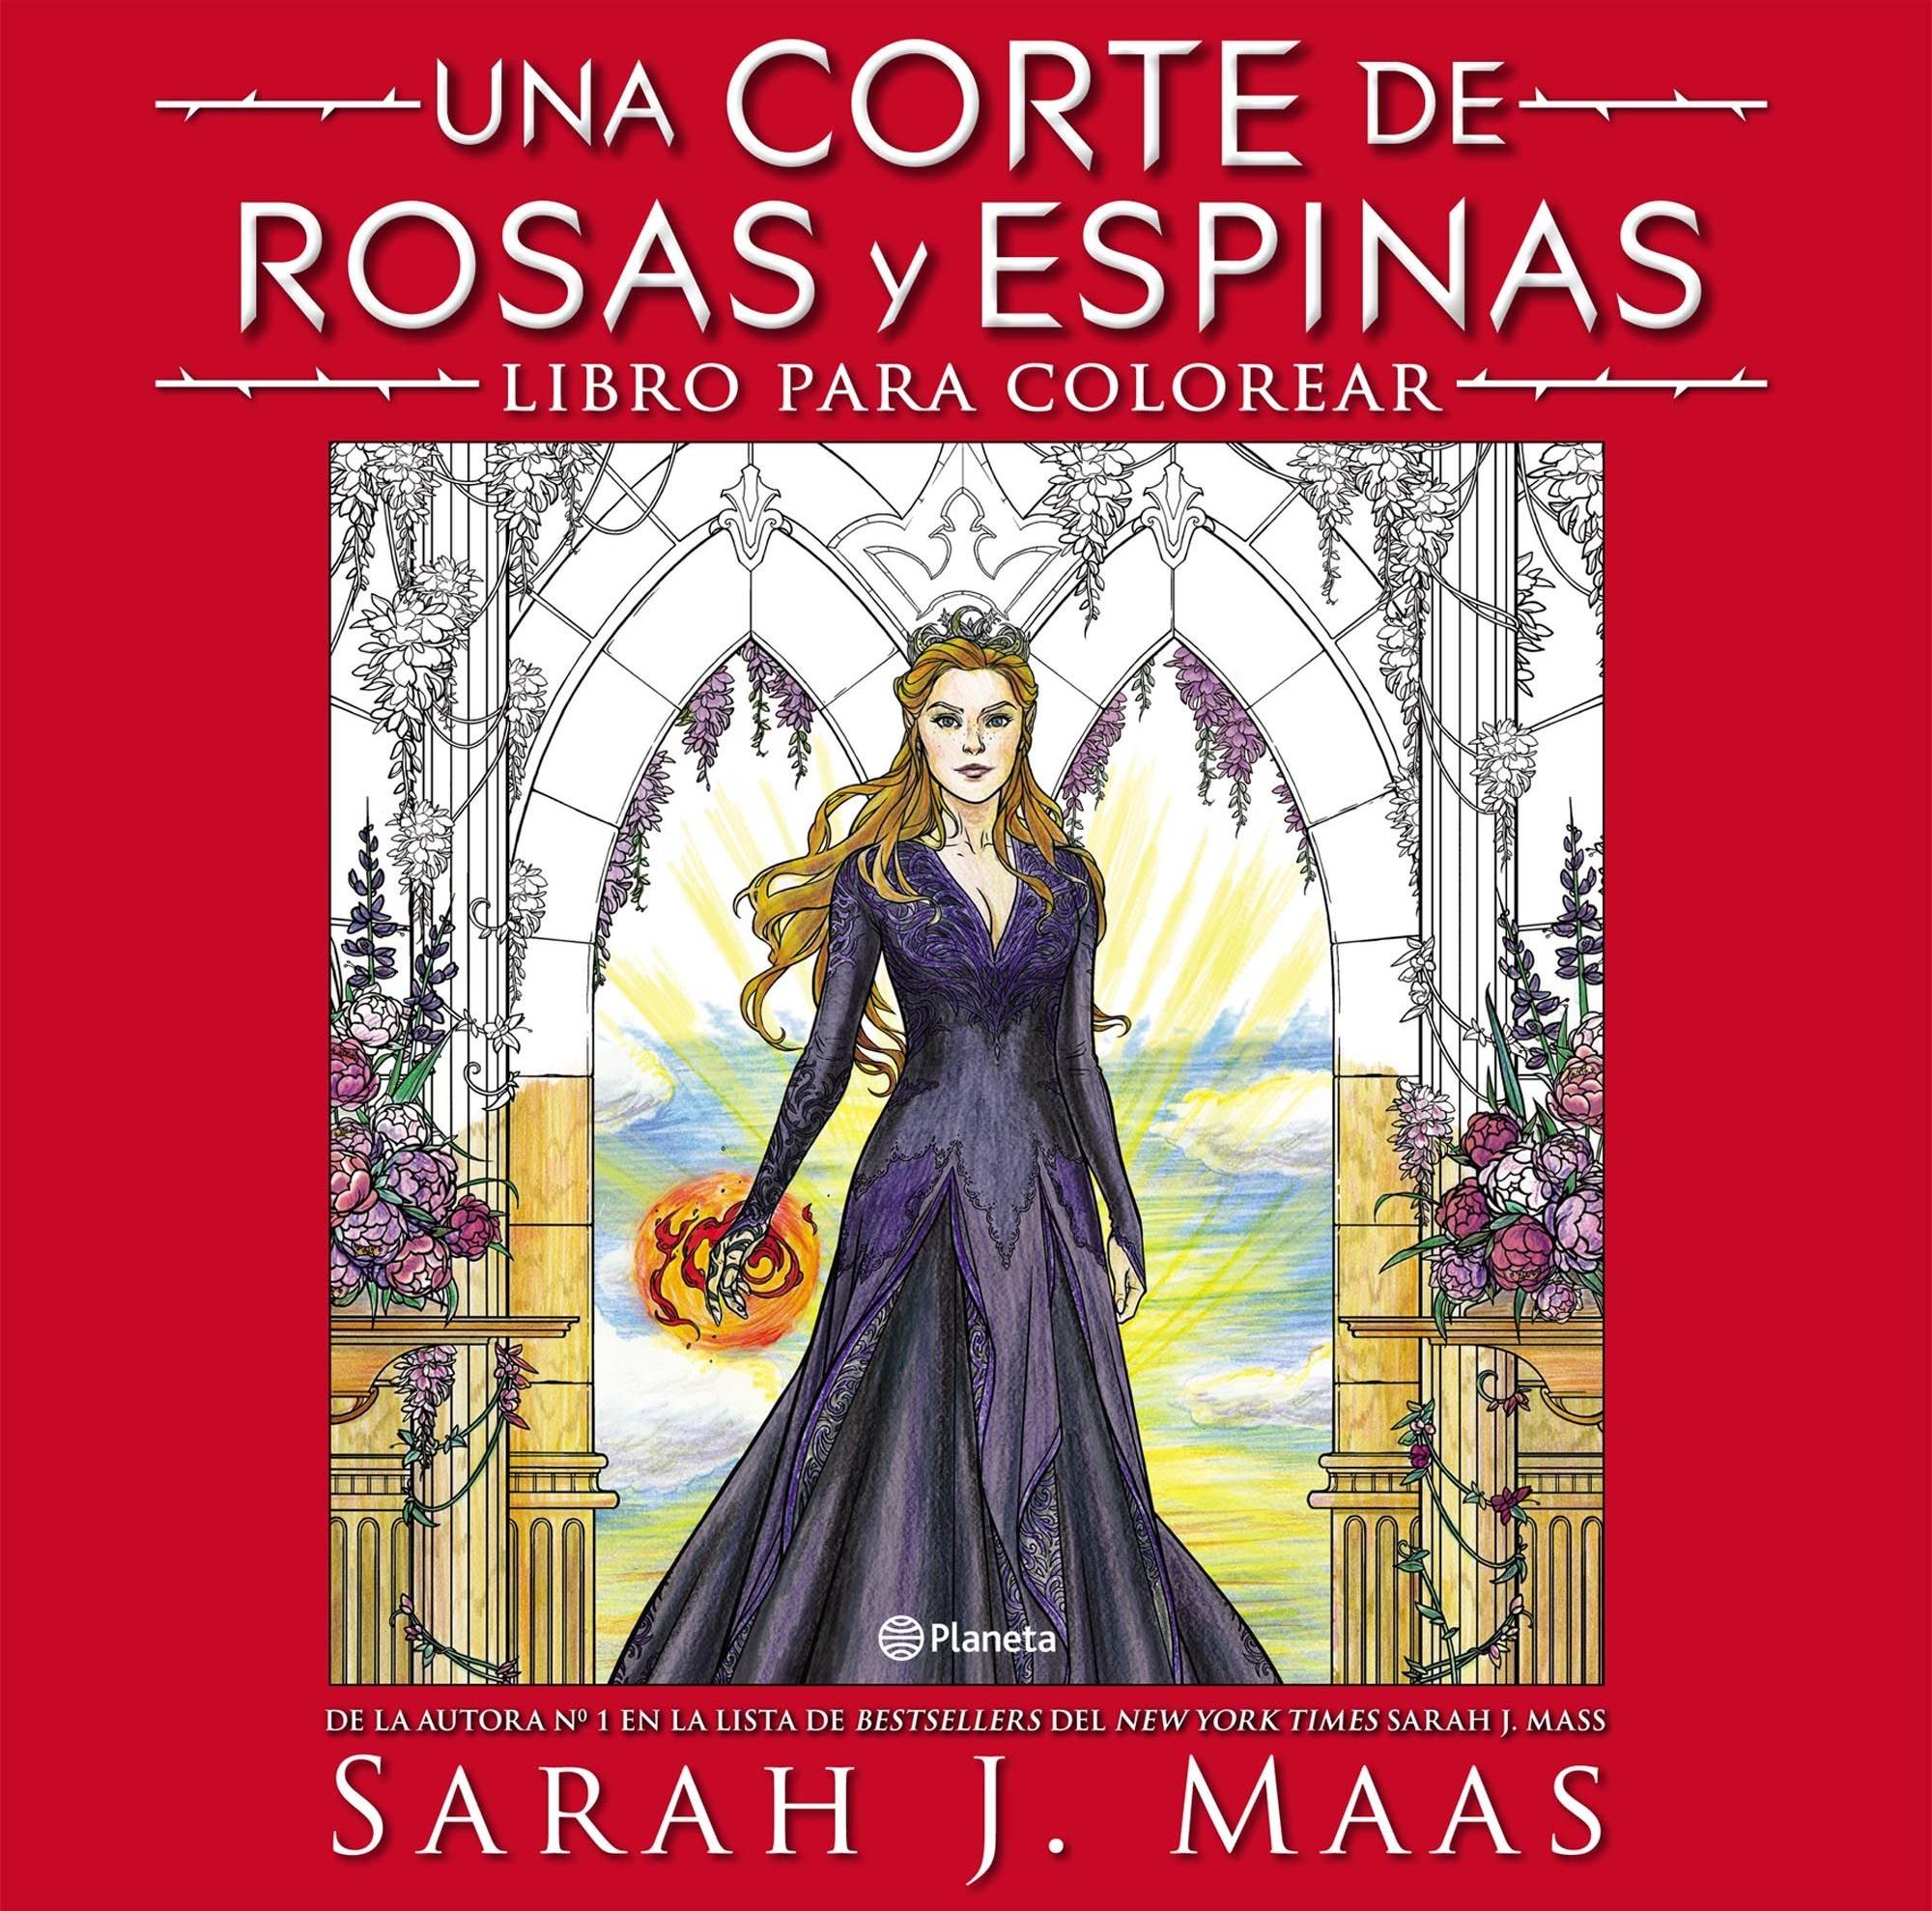 Una Corte de Rosas y Espinas: Libro para colorear | Una Corte de ...